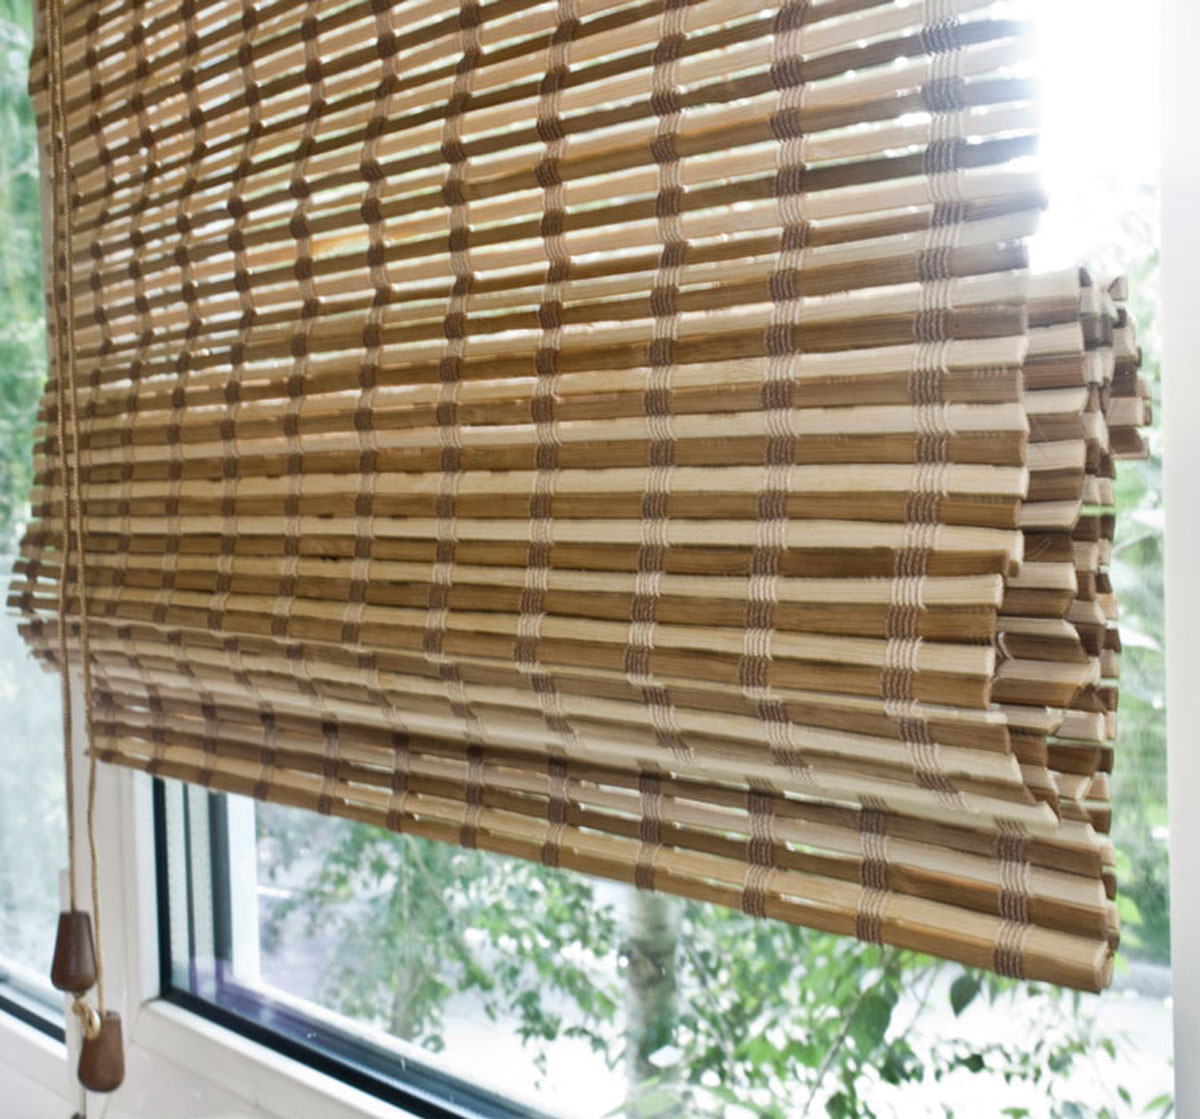 Римская штора Эскар Бамбук, цвет: микс, ширина 140 см, высота 160 см1014160Римская штора Эскар, выполненная из натурального бамбука, является оригинальным современным аксессуаром для создания необычного интерьера в восточном или минималистичном стиле. Римская бамбуковая штора, как и тканевая римская штора, при поднятии образует крупные складки, которые прекрасно декорируют окно. Особенность устройства полотна позволяет свободно пропускать дневной свет, что обеспечивает мягкое освещение комнаты. Римская штора из натурального влагоустойчивого материала легко вписывается в любой интерьер, хорошо сочетается с различной мебелью и элементами отделки. Использование бамбукового полотна придает помещению необычный вид и визуально расширяет пространство.Бамбуковые шторы требуют только сухого ухода: пылесосом, щеткой, веником или влажной (но не мокрой!) губкой.Комплект для монтажа прилагается.